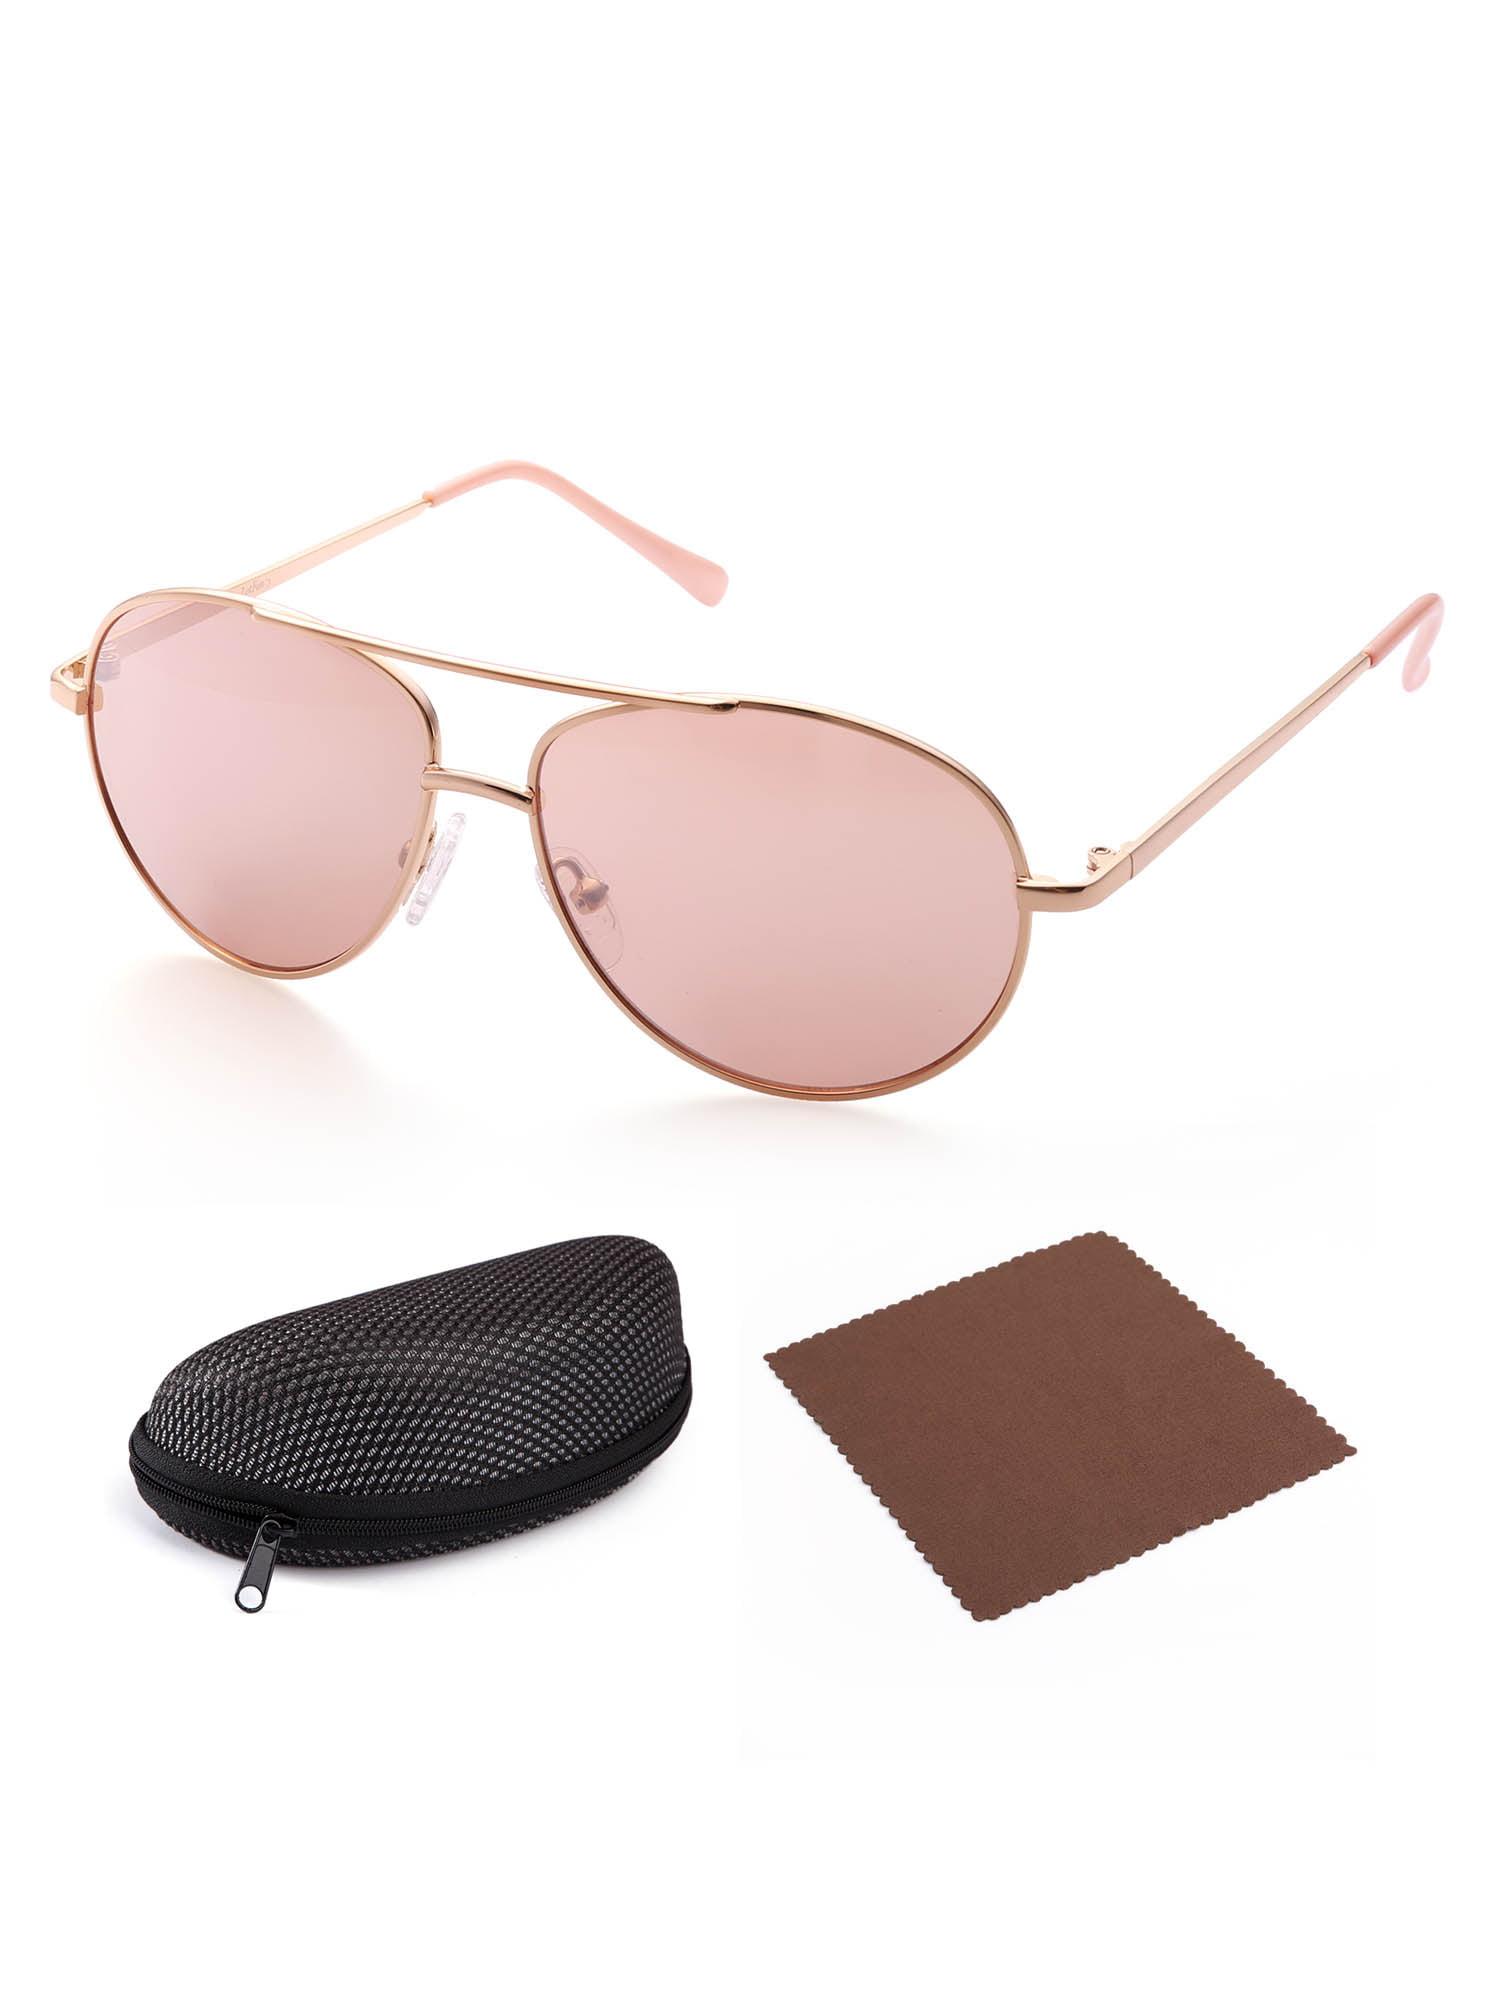 Aviator Sunglasses for Kids Girls Boys Children, Gold Frame, Pink Lens,UV400 Protection, Case Included